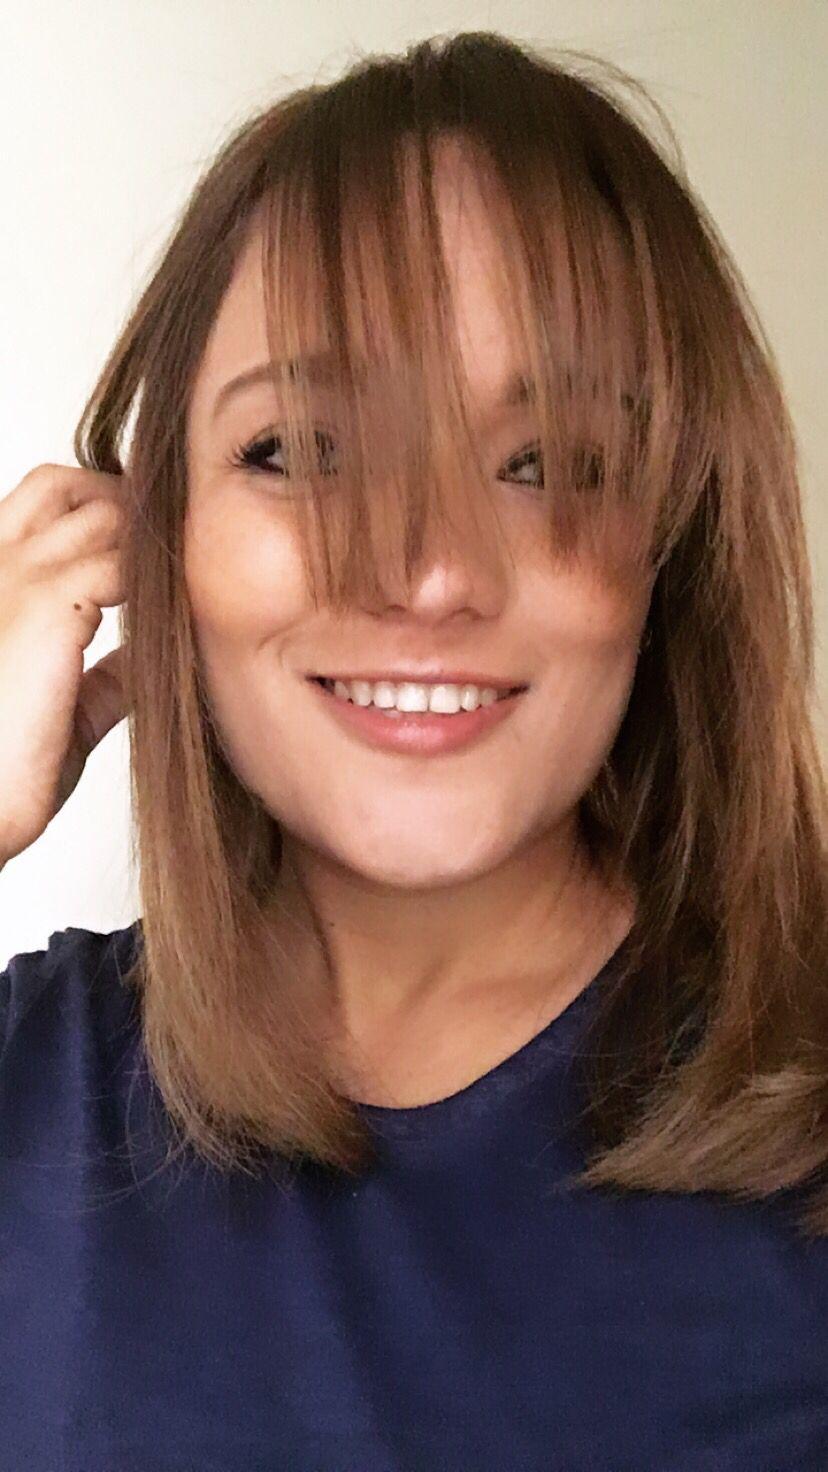 Imagen perfecta tutoriales de peinados Galeria De Cortes De Pelo Tendencias - Pin de Elisa Garcia en Mis peinados | Flequillo ...